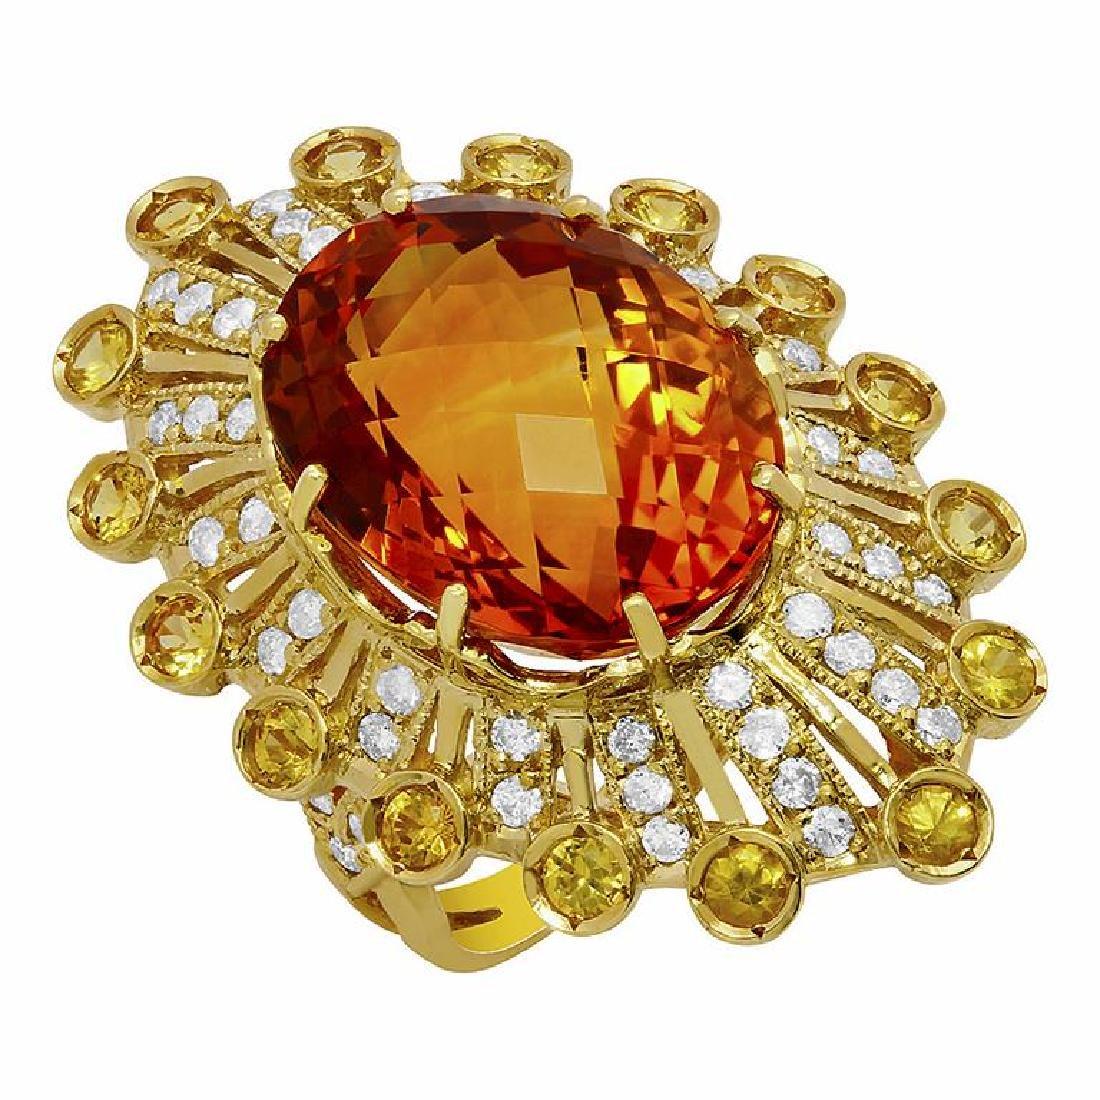 14k Yellow Gold 18.10ct & 0.80ct Citrine 1.13ct Diamond